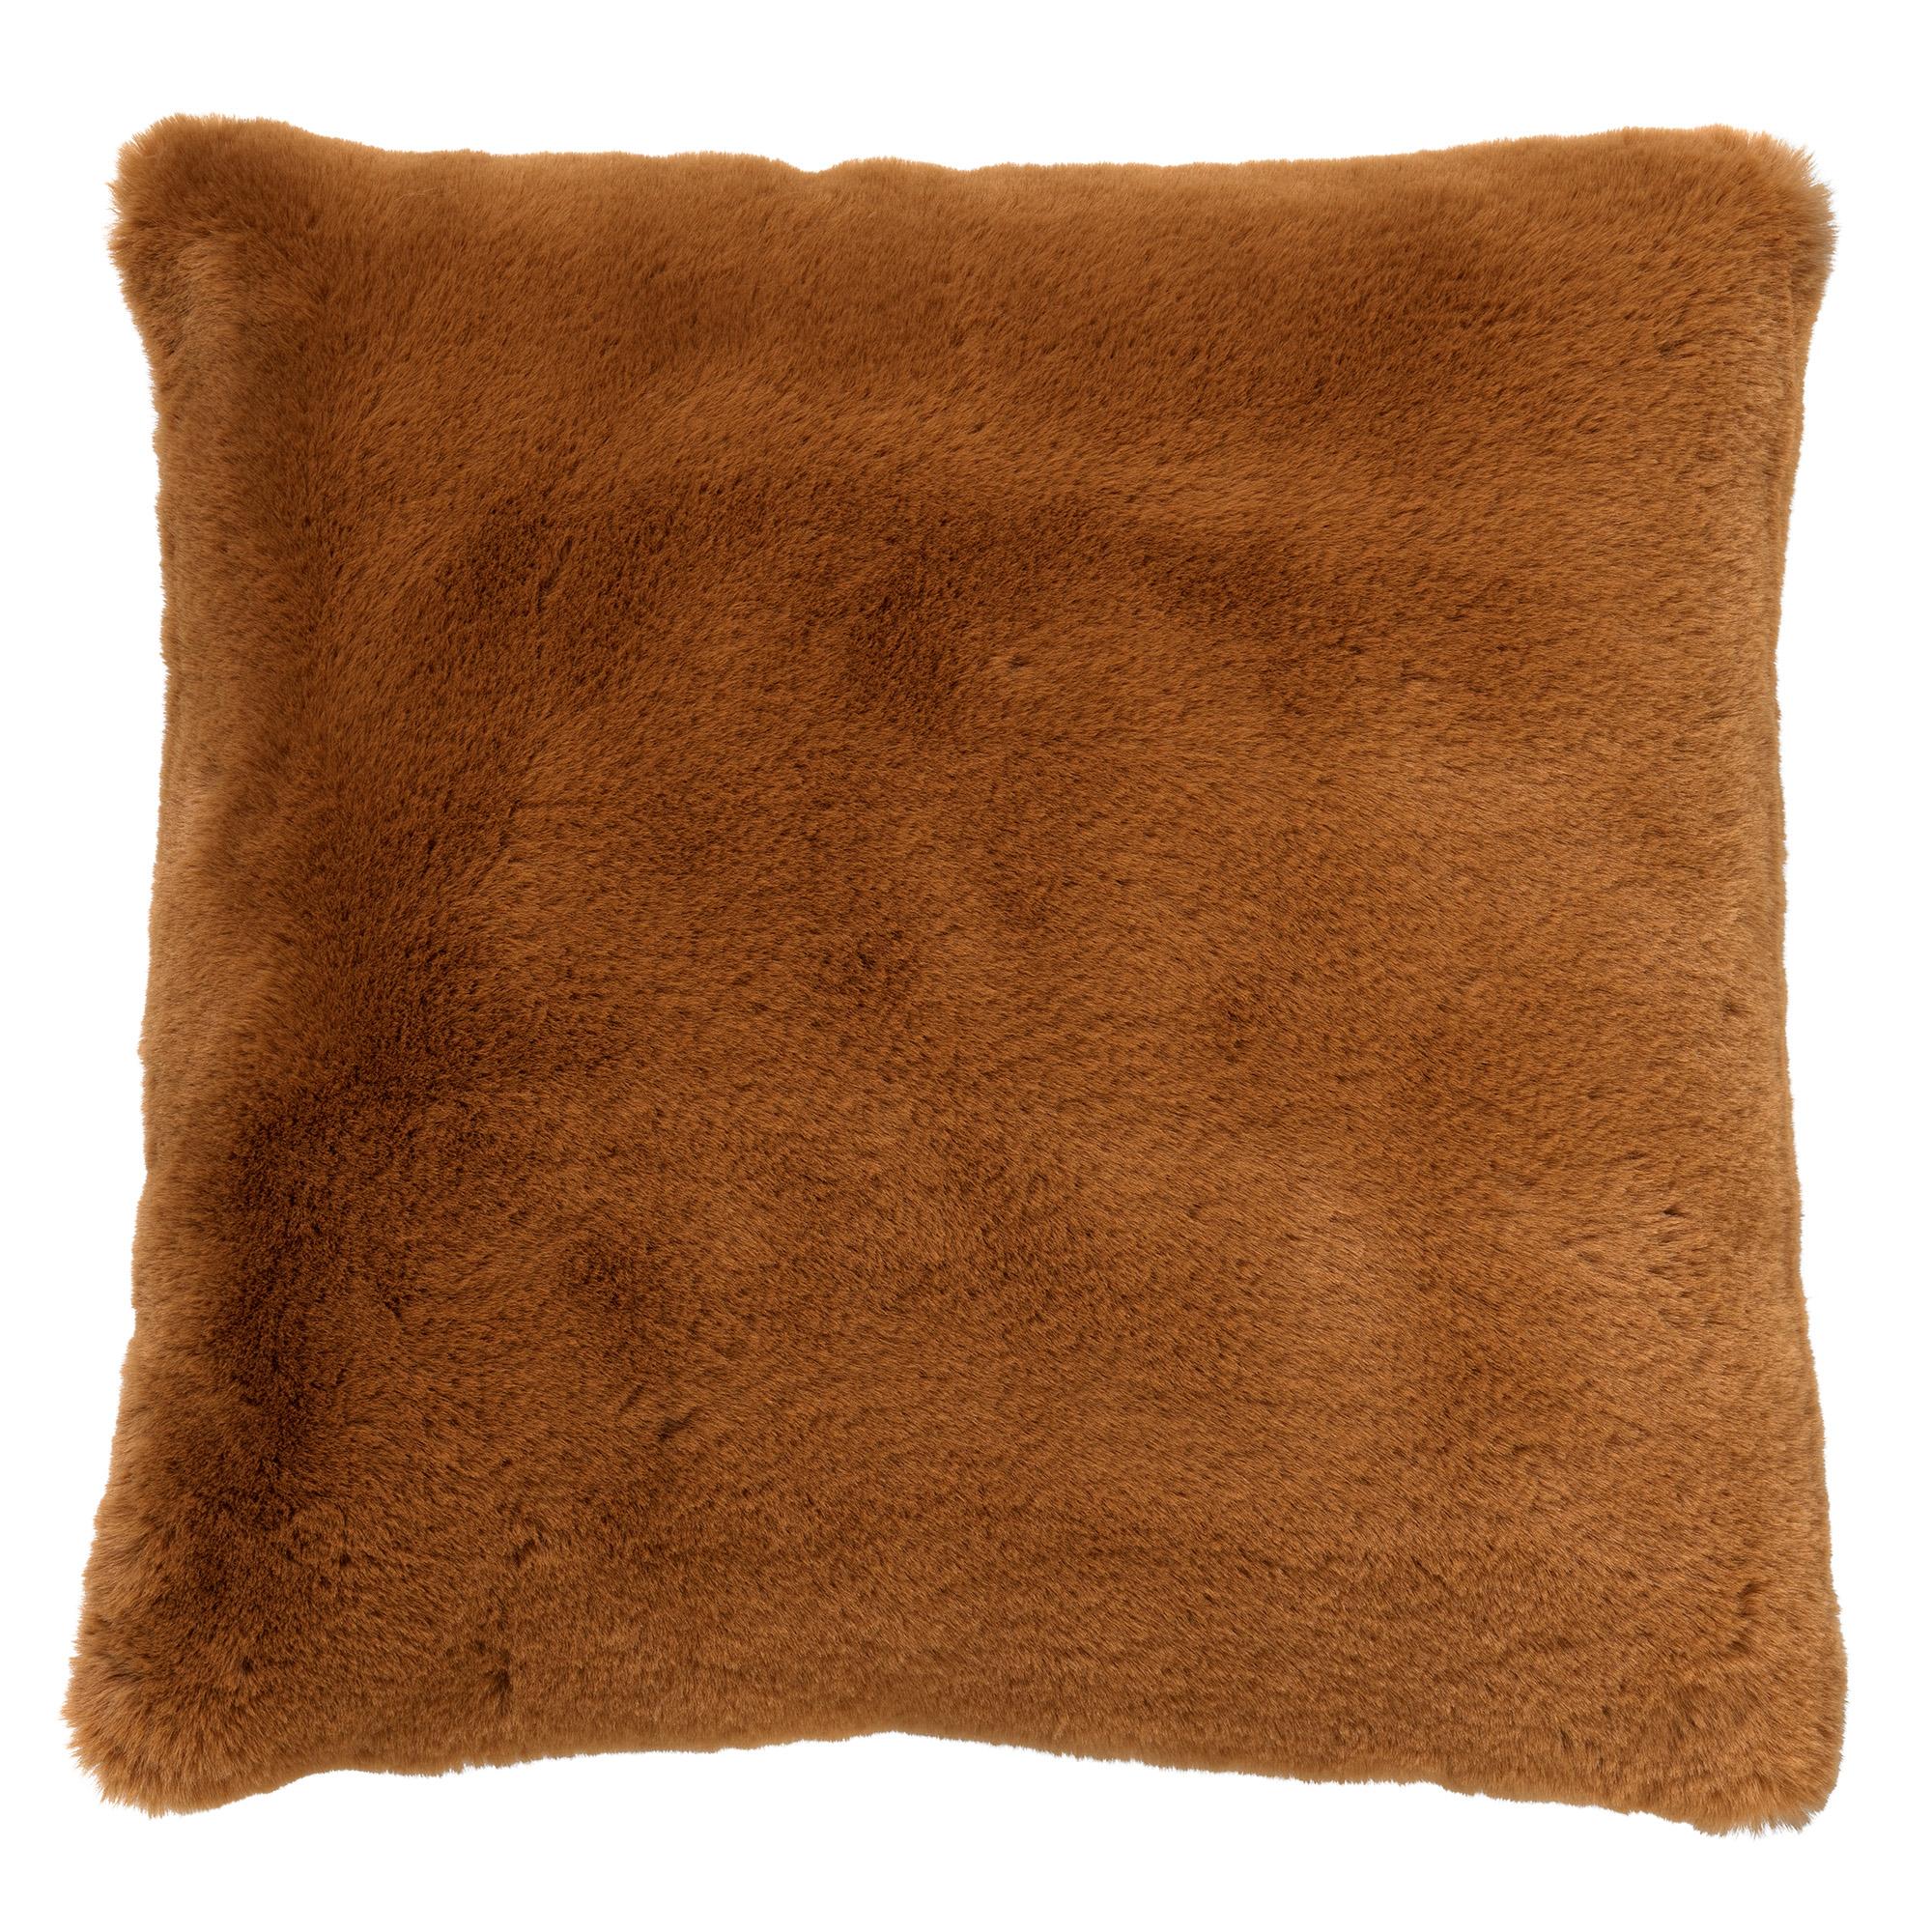 ZAYA - Sierkussen unikleur 60x60 cm Tobacco Brown